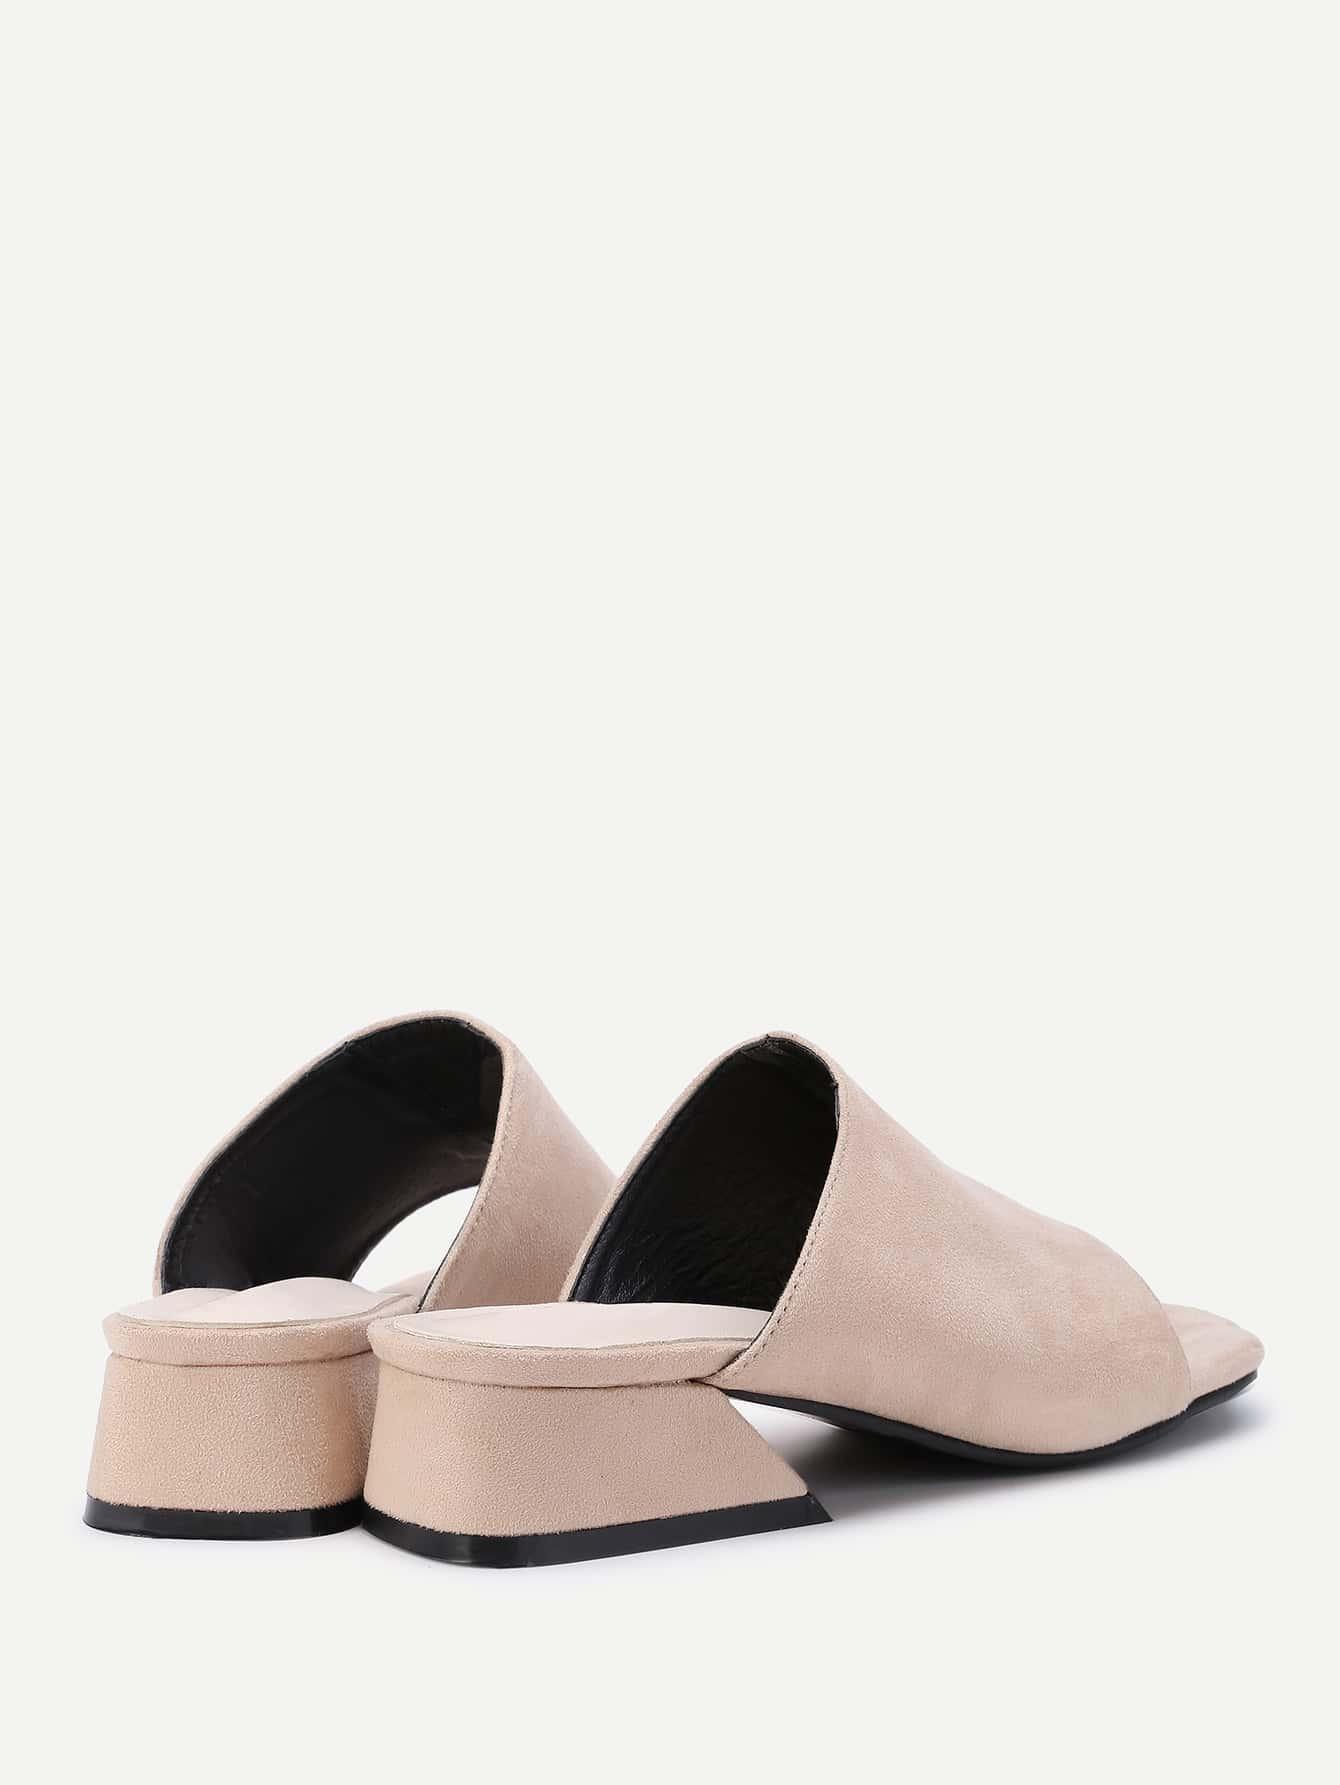 shoes170330805_2